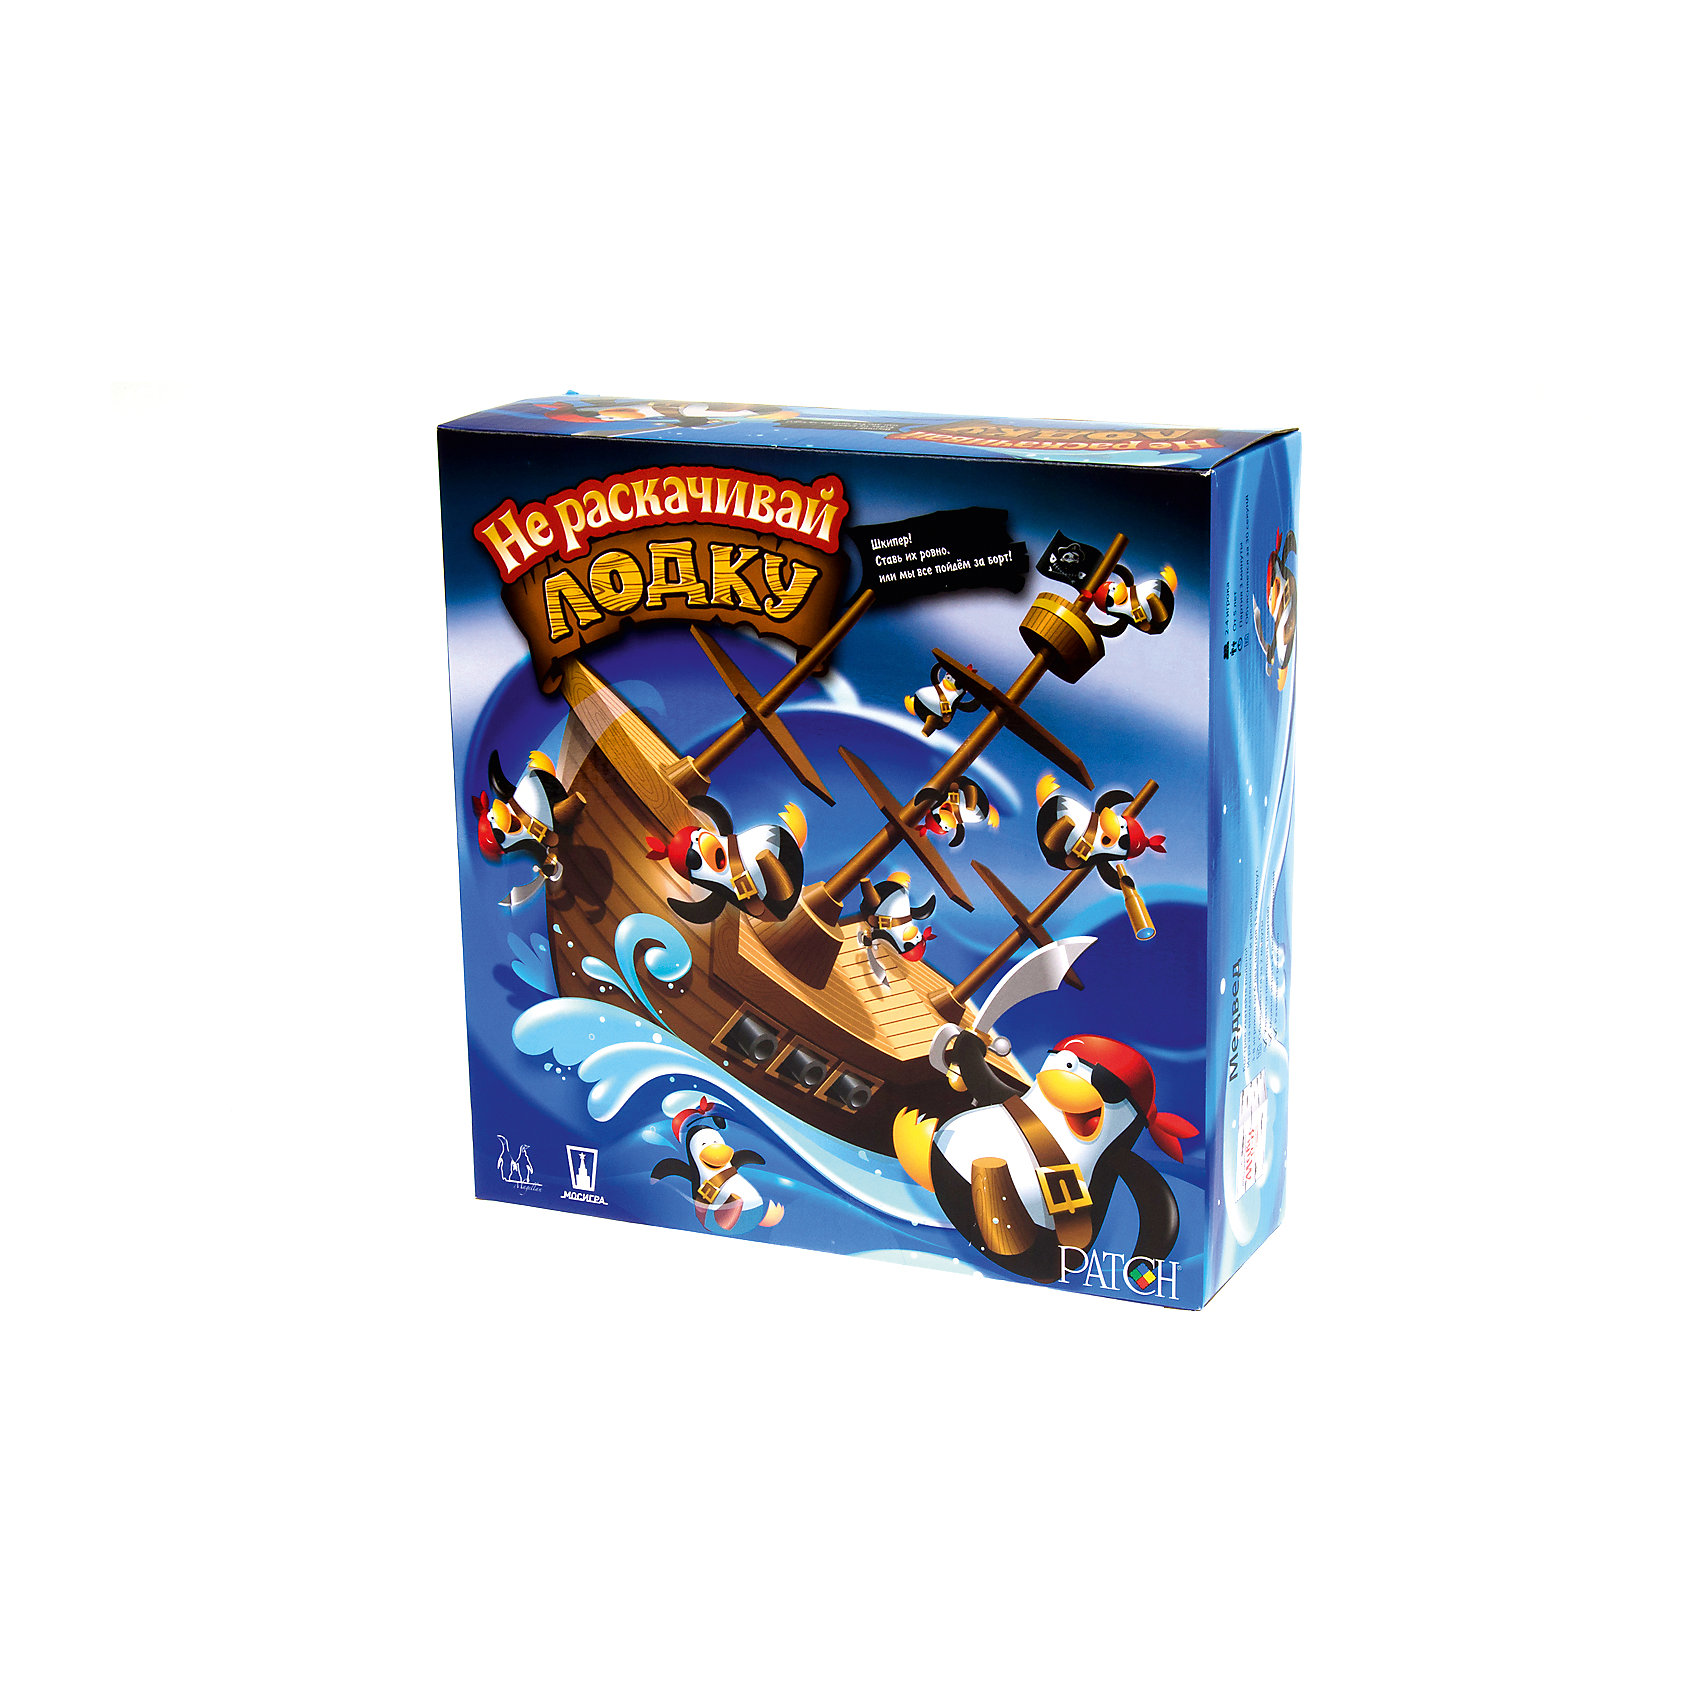 Настольная игра Не раскачивай лодку!, МагелланИгры для развлечений<br>Настольная игра Не раскачивай лодку!, Магеллан<br><br>Характеристики:<br><br>- в набор входит: корабль, подставка, фигурки пингвинов (16 шт.), правила<br>- количество игроков: 2 - 4<br>- время 1 партии игры: 5 - 10 минут<br><br>Эта увлекательная игра от российского производителя настольных игр и подарков «Магеллан» приведет детей в восторг и они захотят играть в нее снова и снова. Не сложная, но захватывающая, она привлечет внимание своими интересными фигурками и дизайном. Правила игры очень просты – нужно по очереди ставить пингвинов на корабль, можно на мачту или на смотровую, главное, чтобы корабль не раскачивался. Проигрывает тот, кто, поставив последнего пингвина, раскачивает корабль и когда хоть один пингвин выпадает за борт. Теперь играть в компании братиков, сестричек или друзей станет еще веселее! Игра поможет развить координацию движения, внимательность,  логическое мышление и ловкость. <br><br>Настольную игру Не раскачивай лодку!, Магеллан можно купить в нашем интернет-магазине.<br><br>Ширина мм: 265<br>Глубина мм: 88<br>Высота мм: 264<br>Вес г: 602<br>Возраст от месяцев: 60<br>Возраст до месяцев: 2147483647<br>Пол: Унисекс<br>Возраст: Детский<br>SKU: 5076548